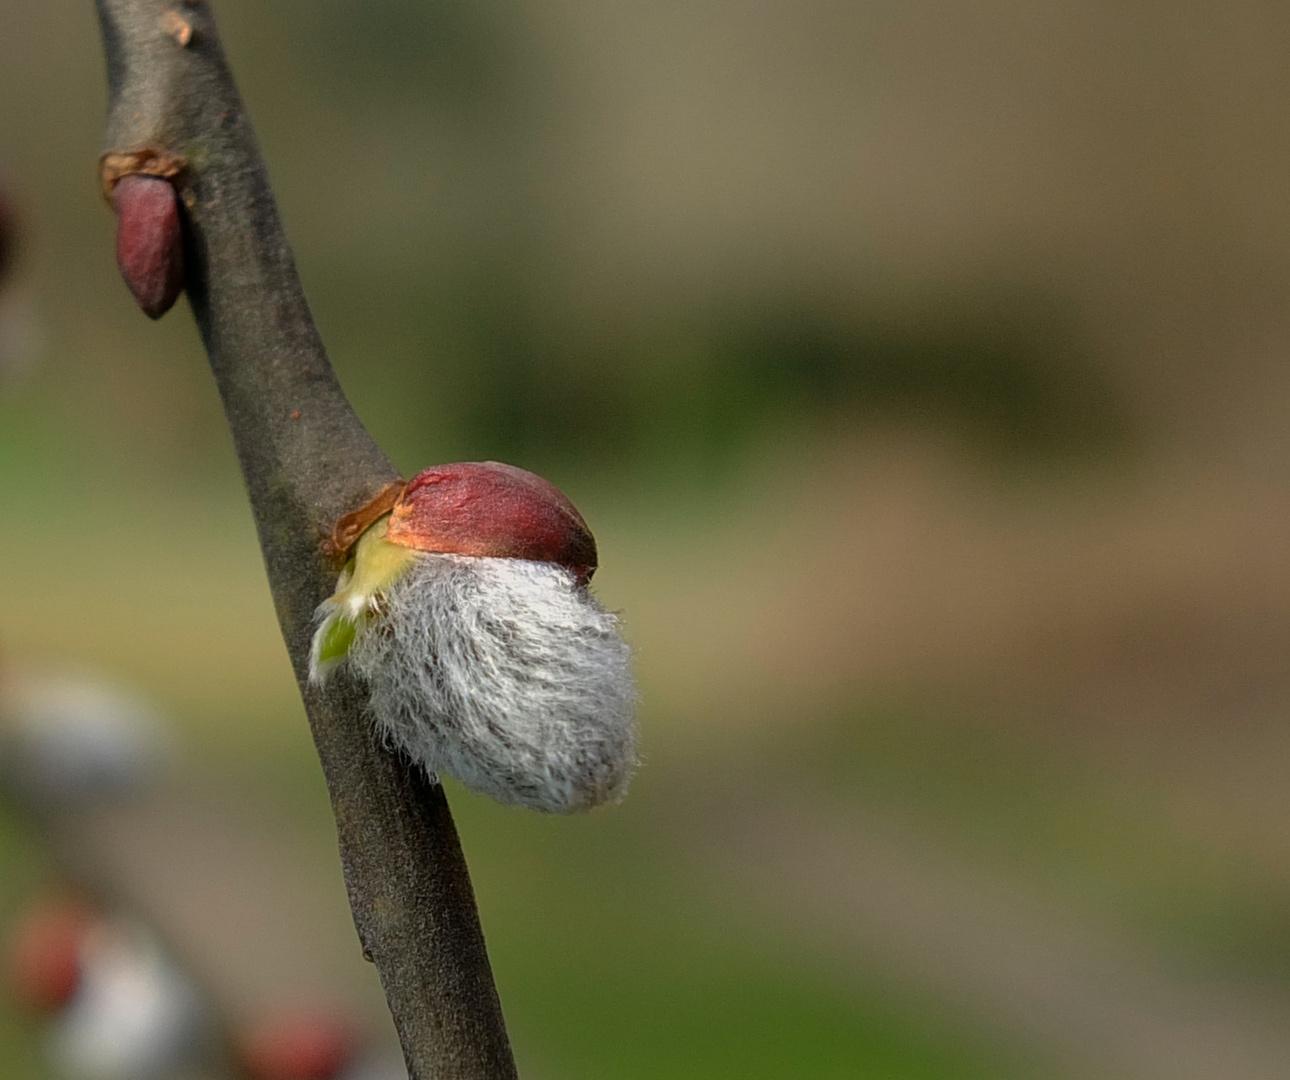 Der Frühling klopft an, ich kann ihn sehen und hören